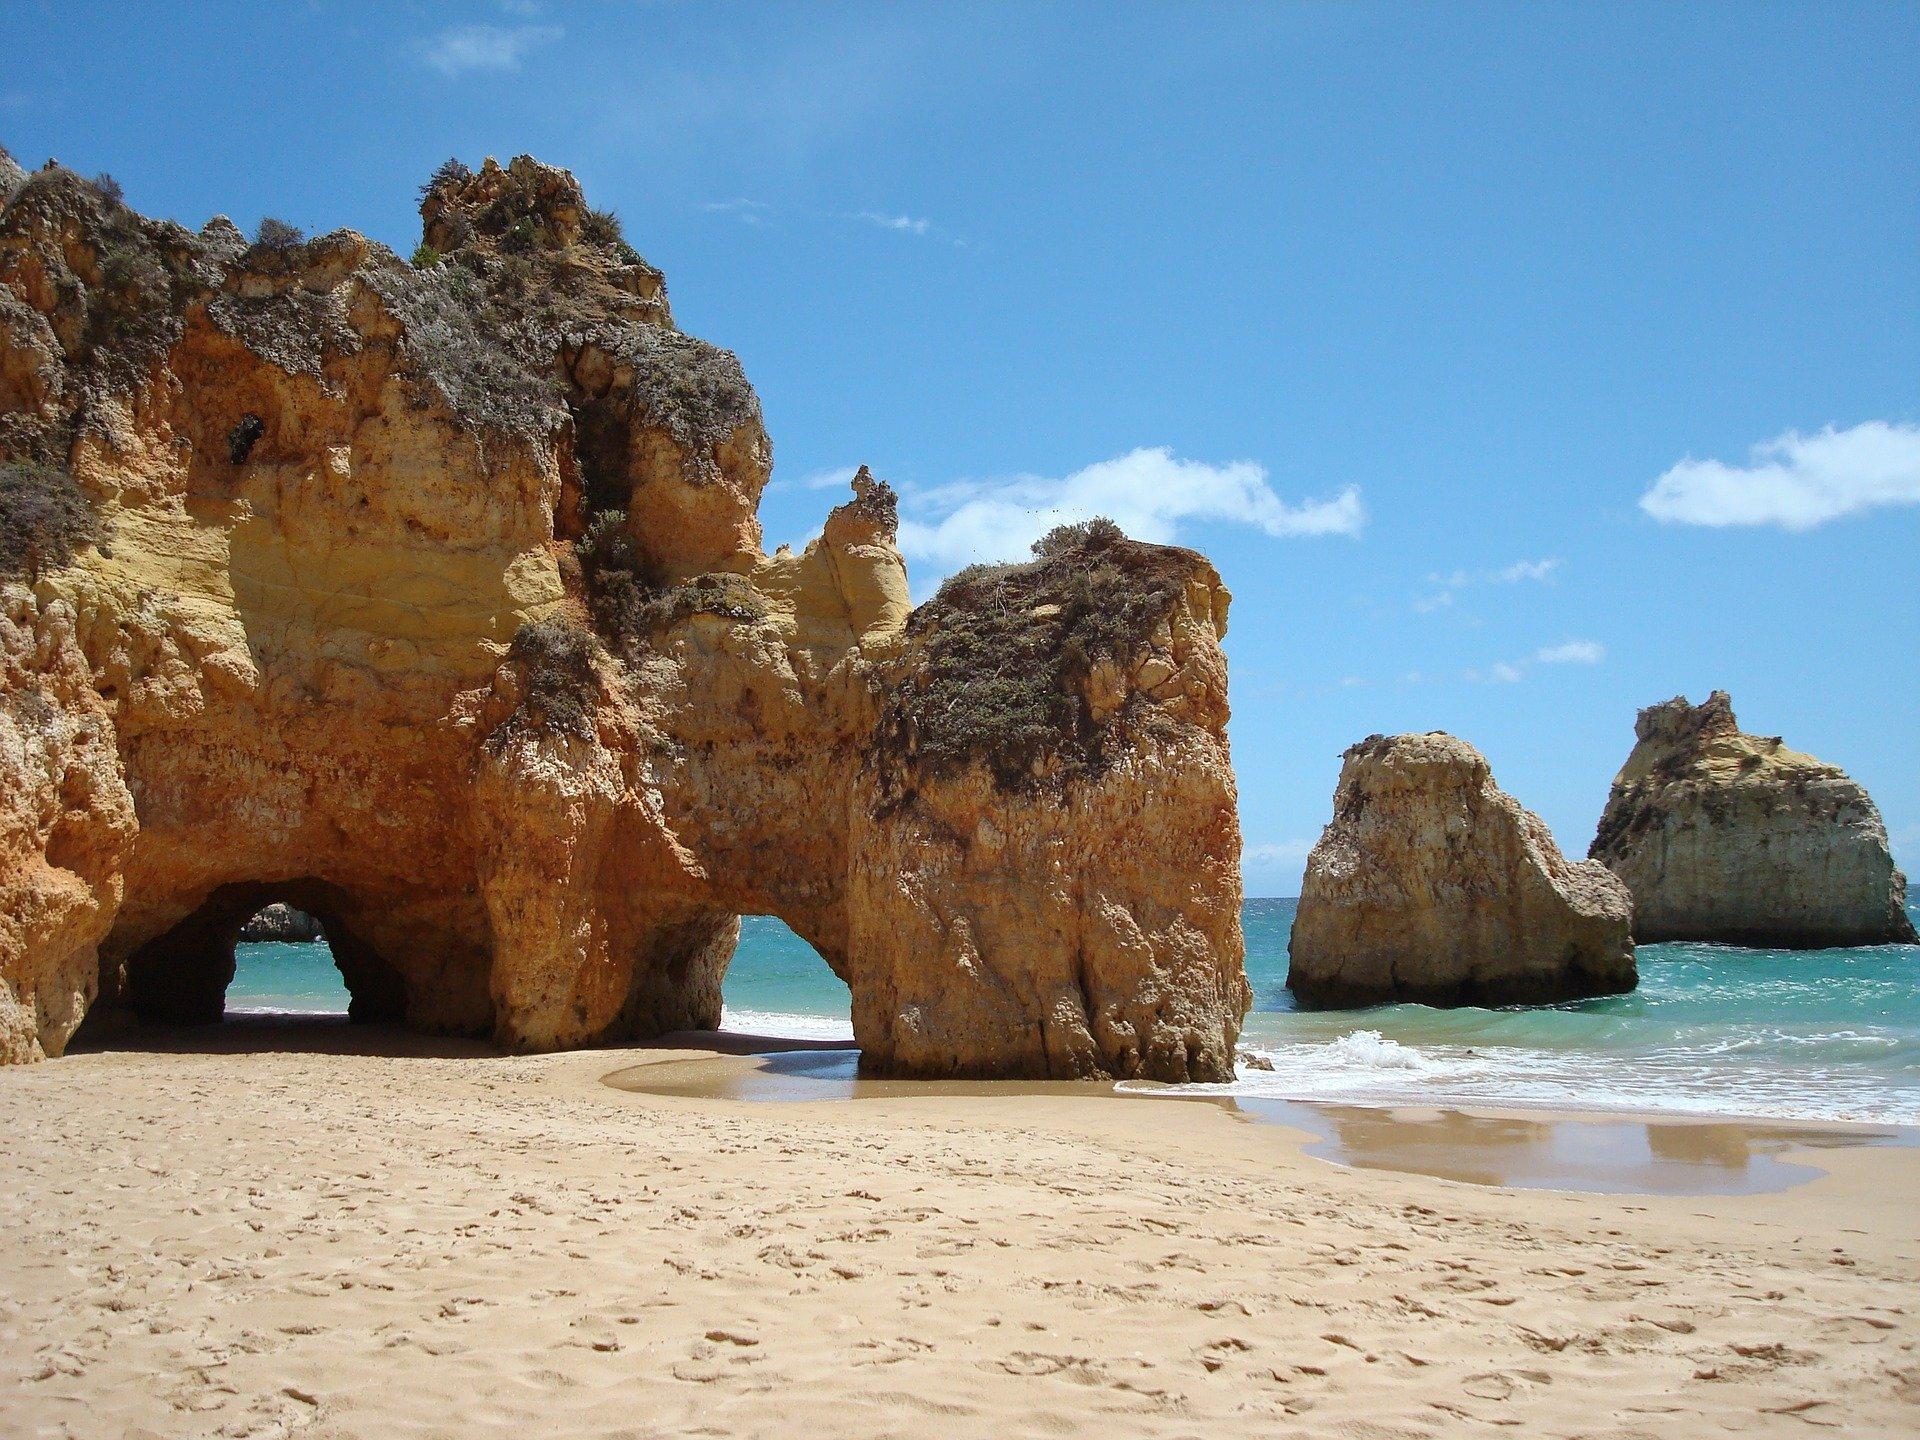 falaise sur une plage en algarve au portugal